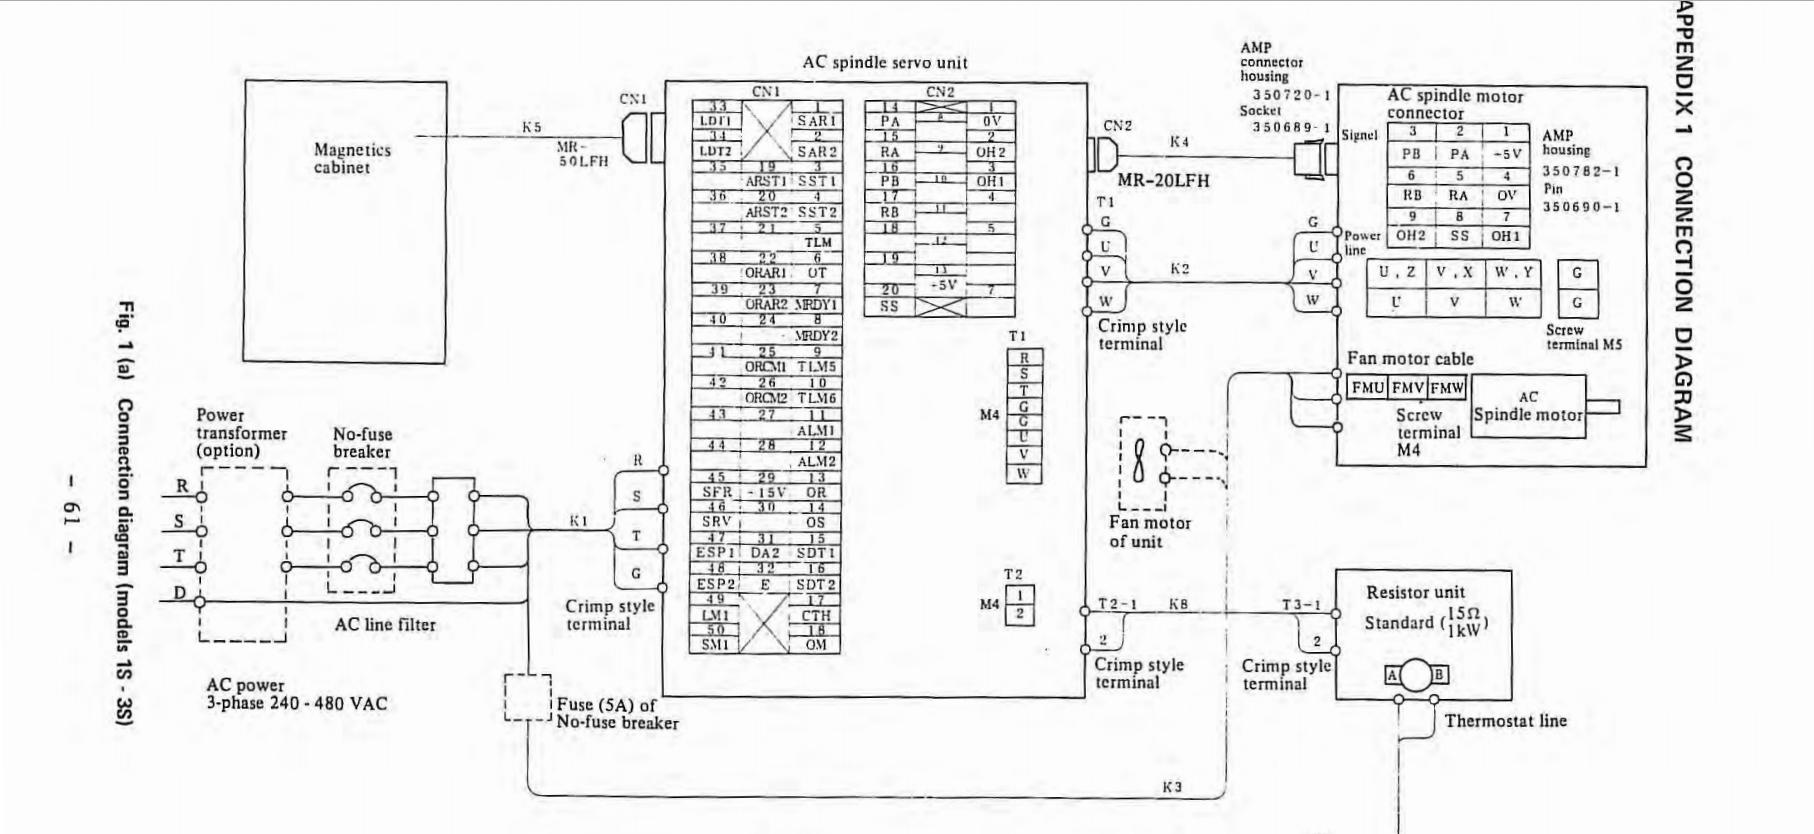 DA_3569] Wiring Diagram Servo Wiring Diagram Fanuc Servo Motor Wiring  Diagram Download DiagramRomet Usnes Nful Benkeme Seve Chro Carn Emba Mohammedshrine Librar Wiring  101